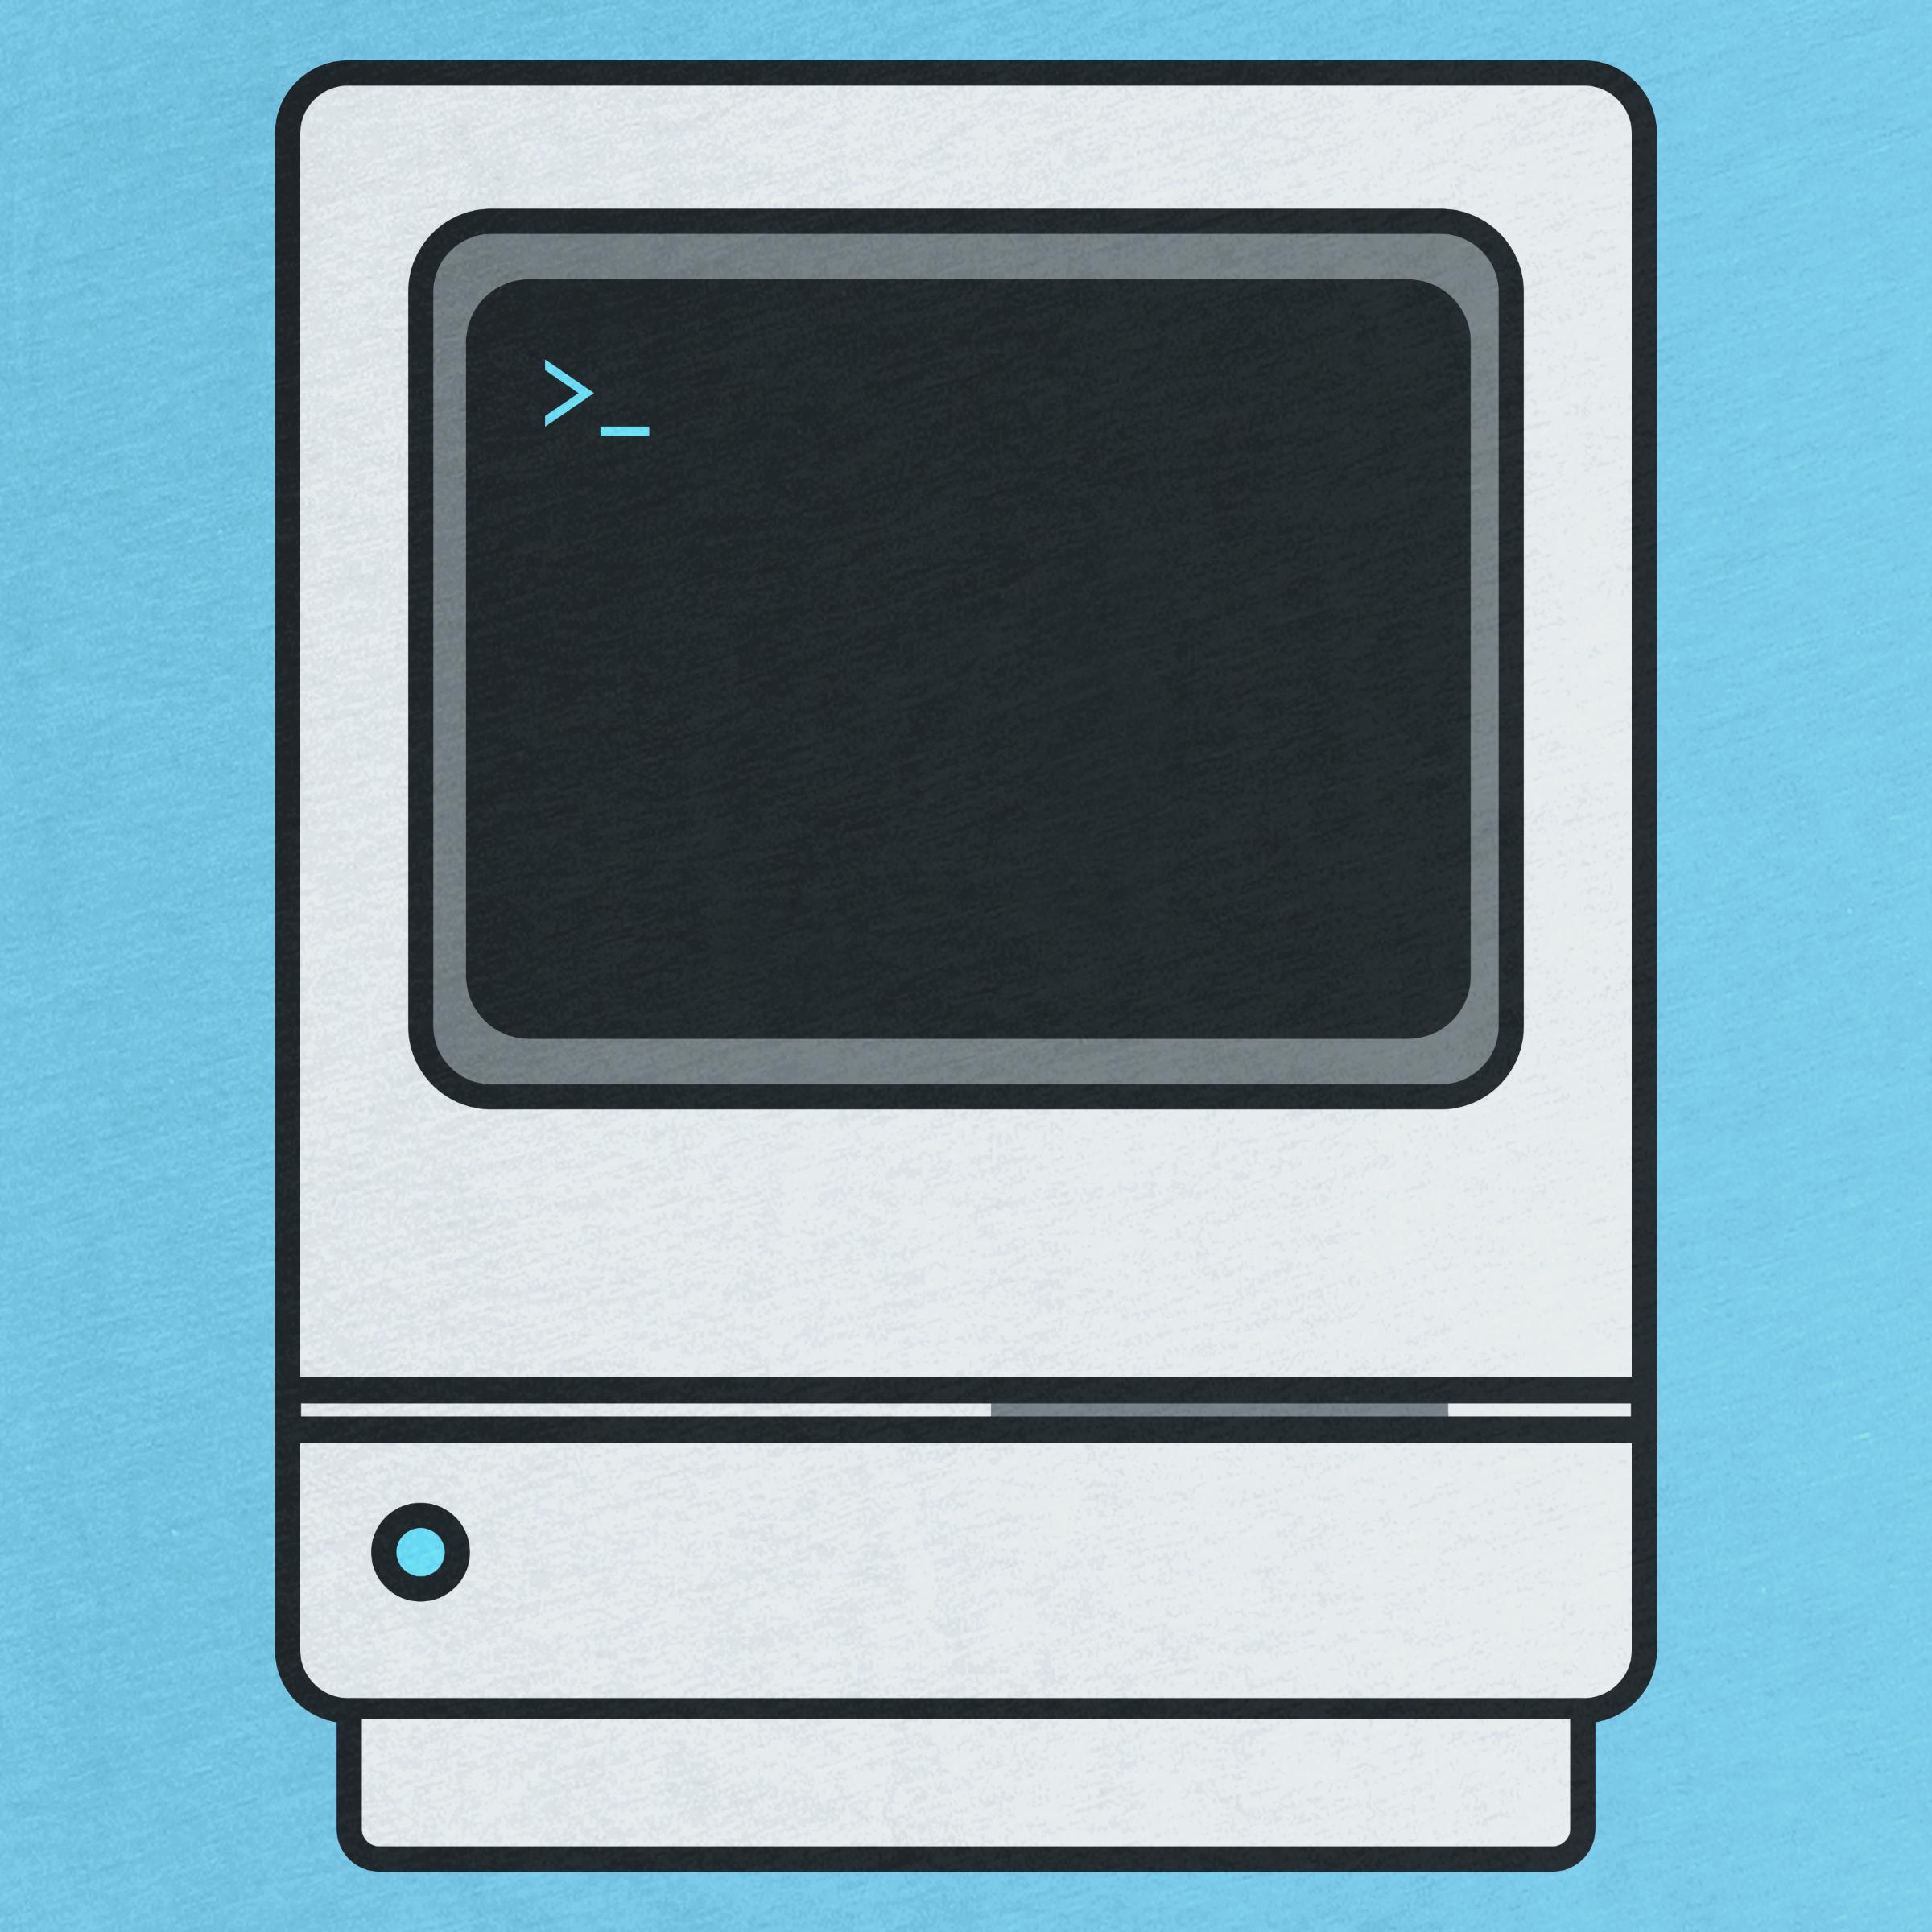 Mac Classic